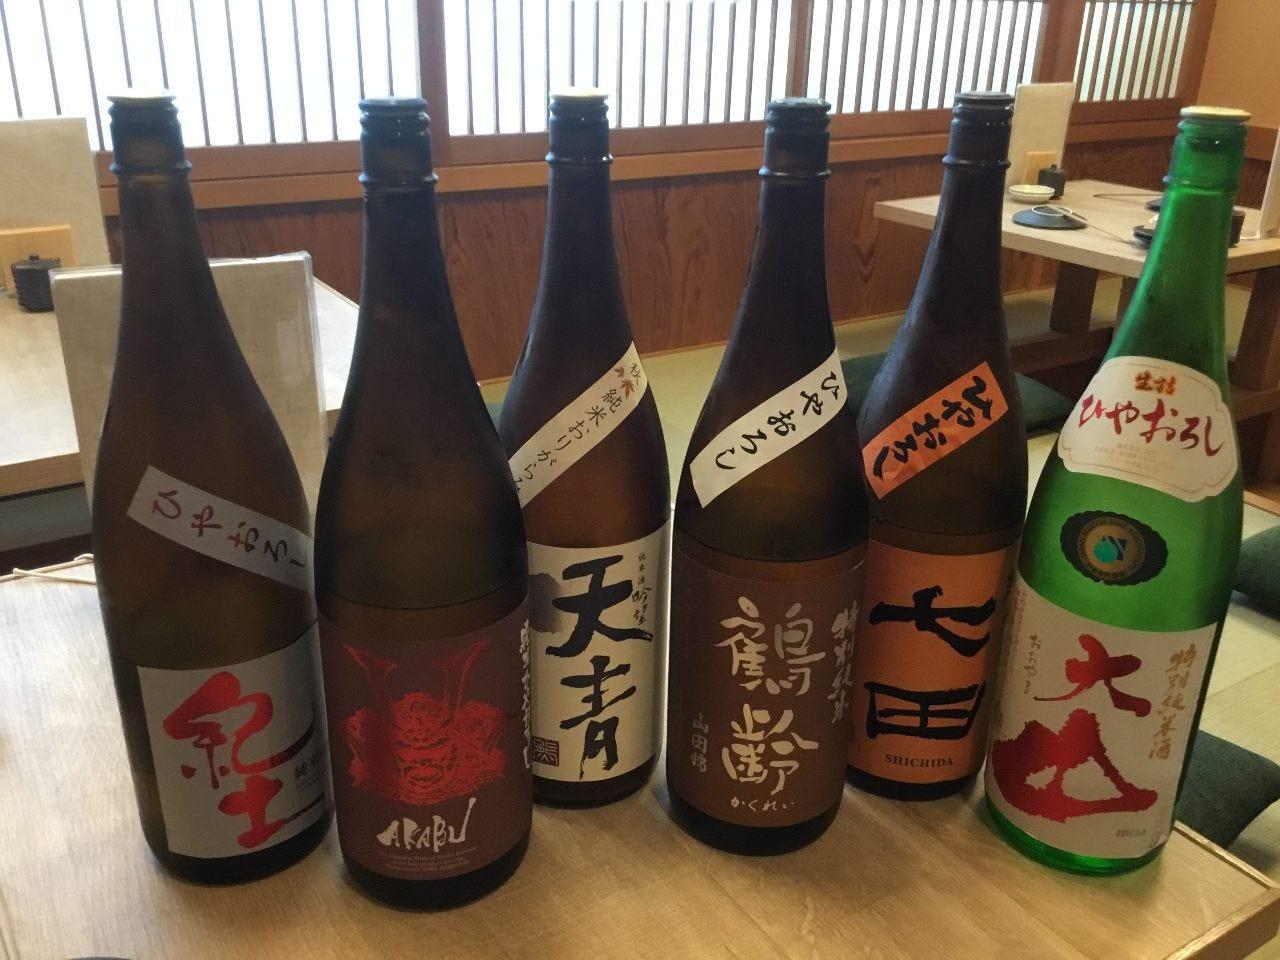 和歌山をはじめとした逸品日本酒